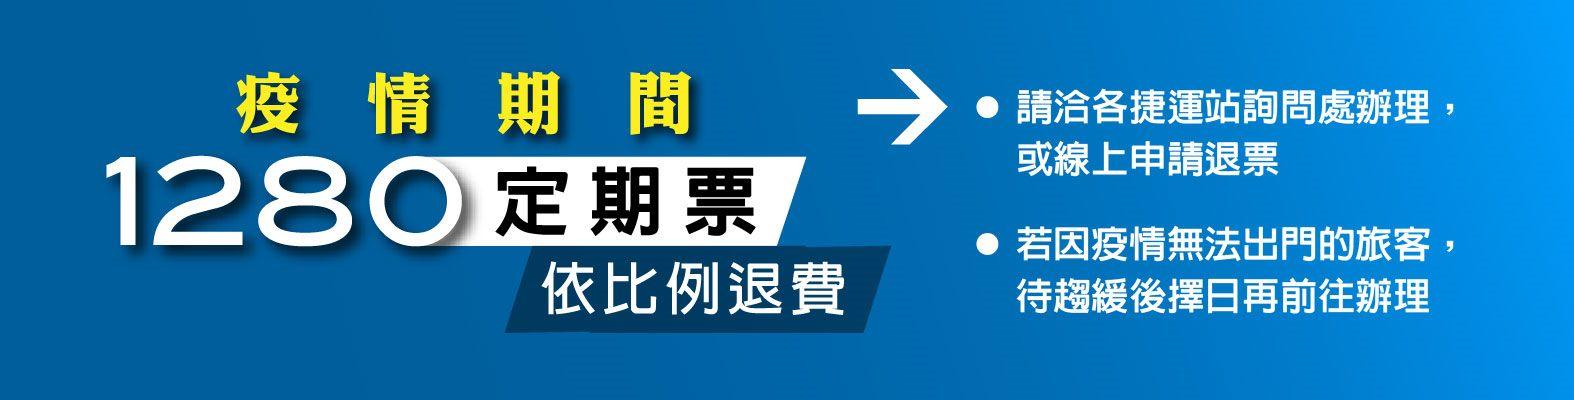 因應嚴重特殊傳染性肺炎-公共運輸定期票退票公告